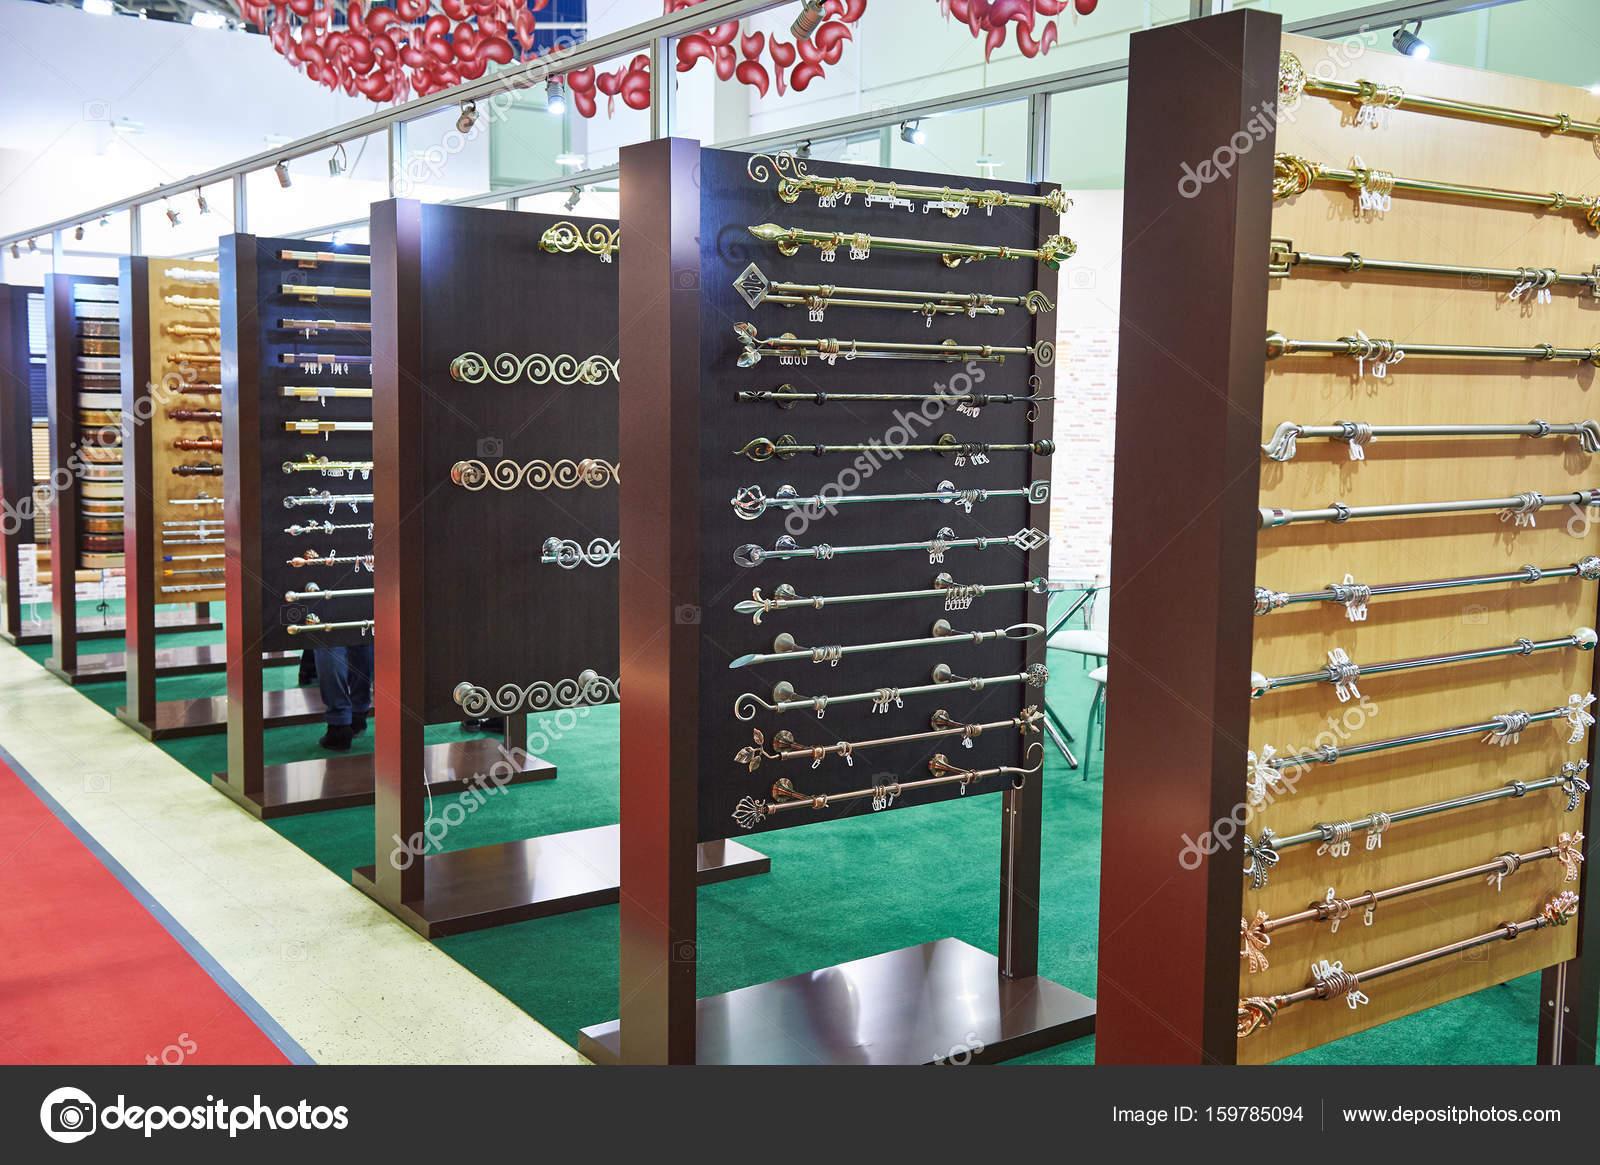 houders voor gordijnen in winkel stockfoto